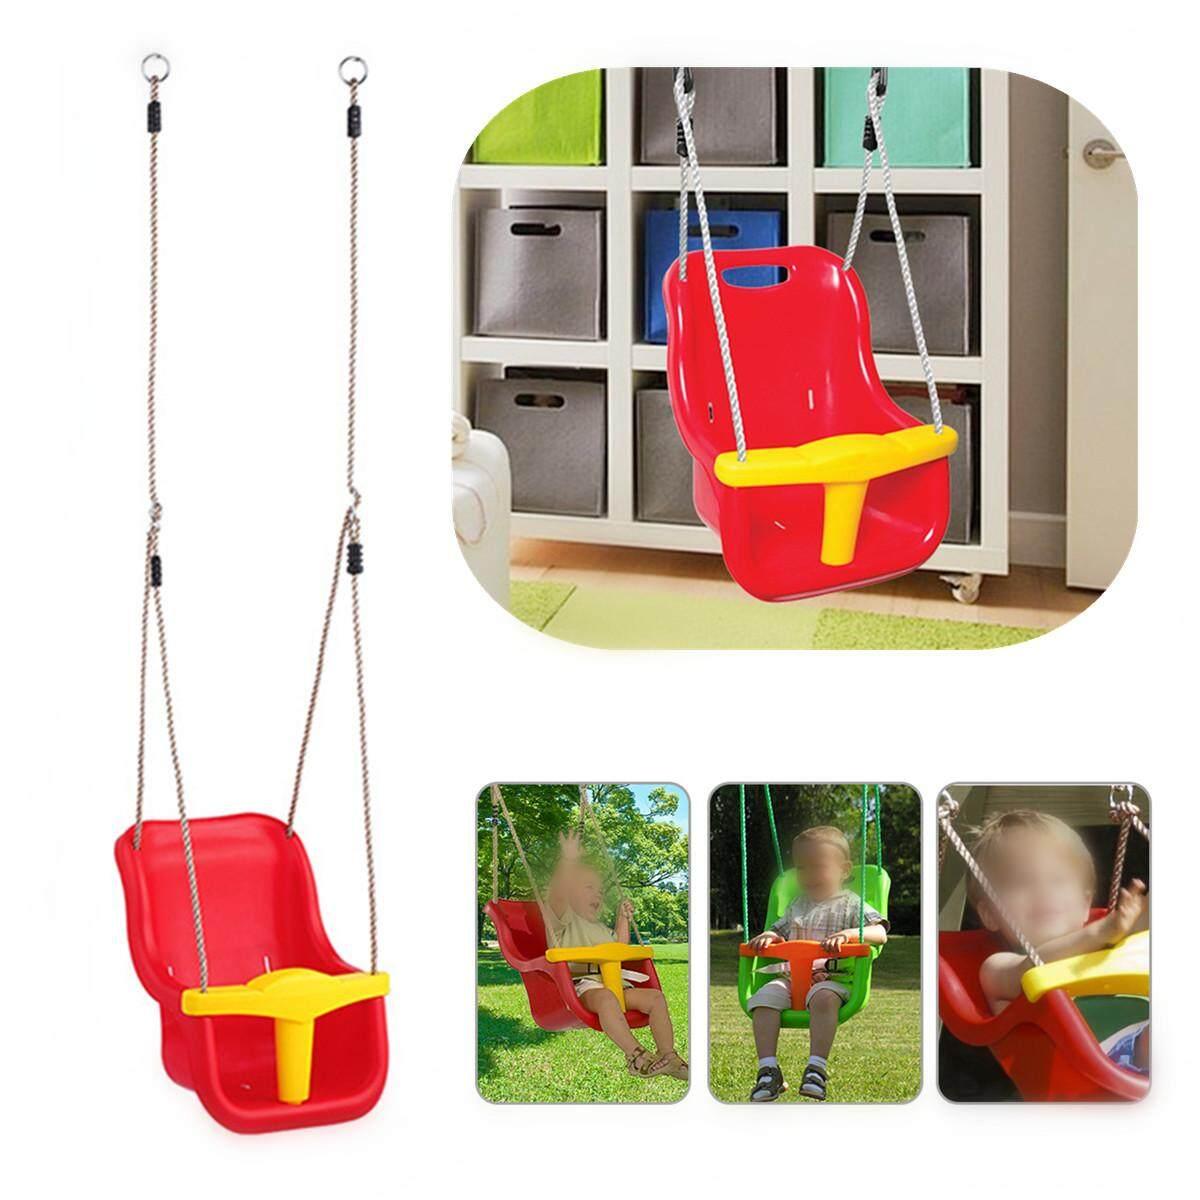 be368b348ff5 Swings - Buy Swings at Best Price in Singapore